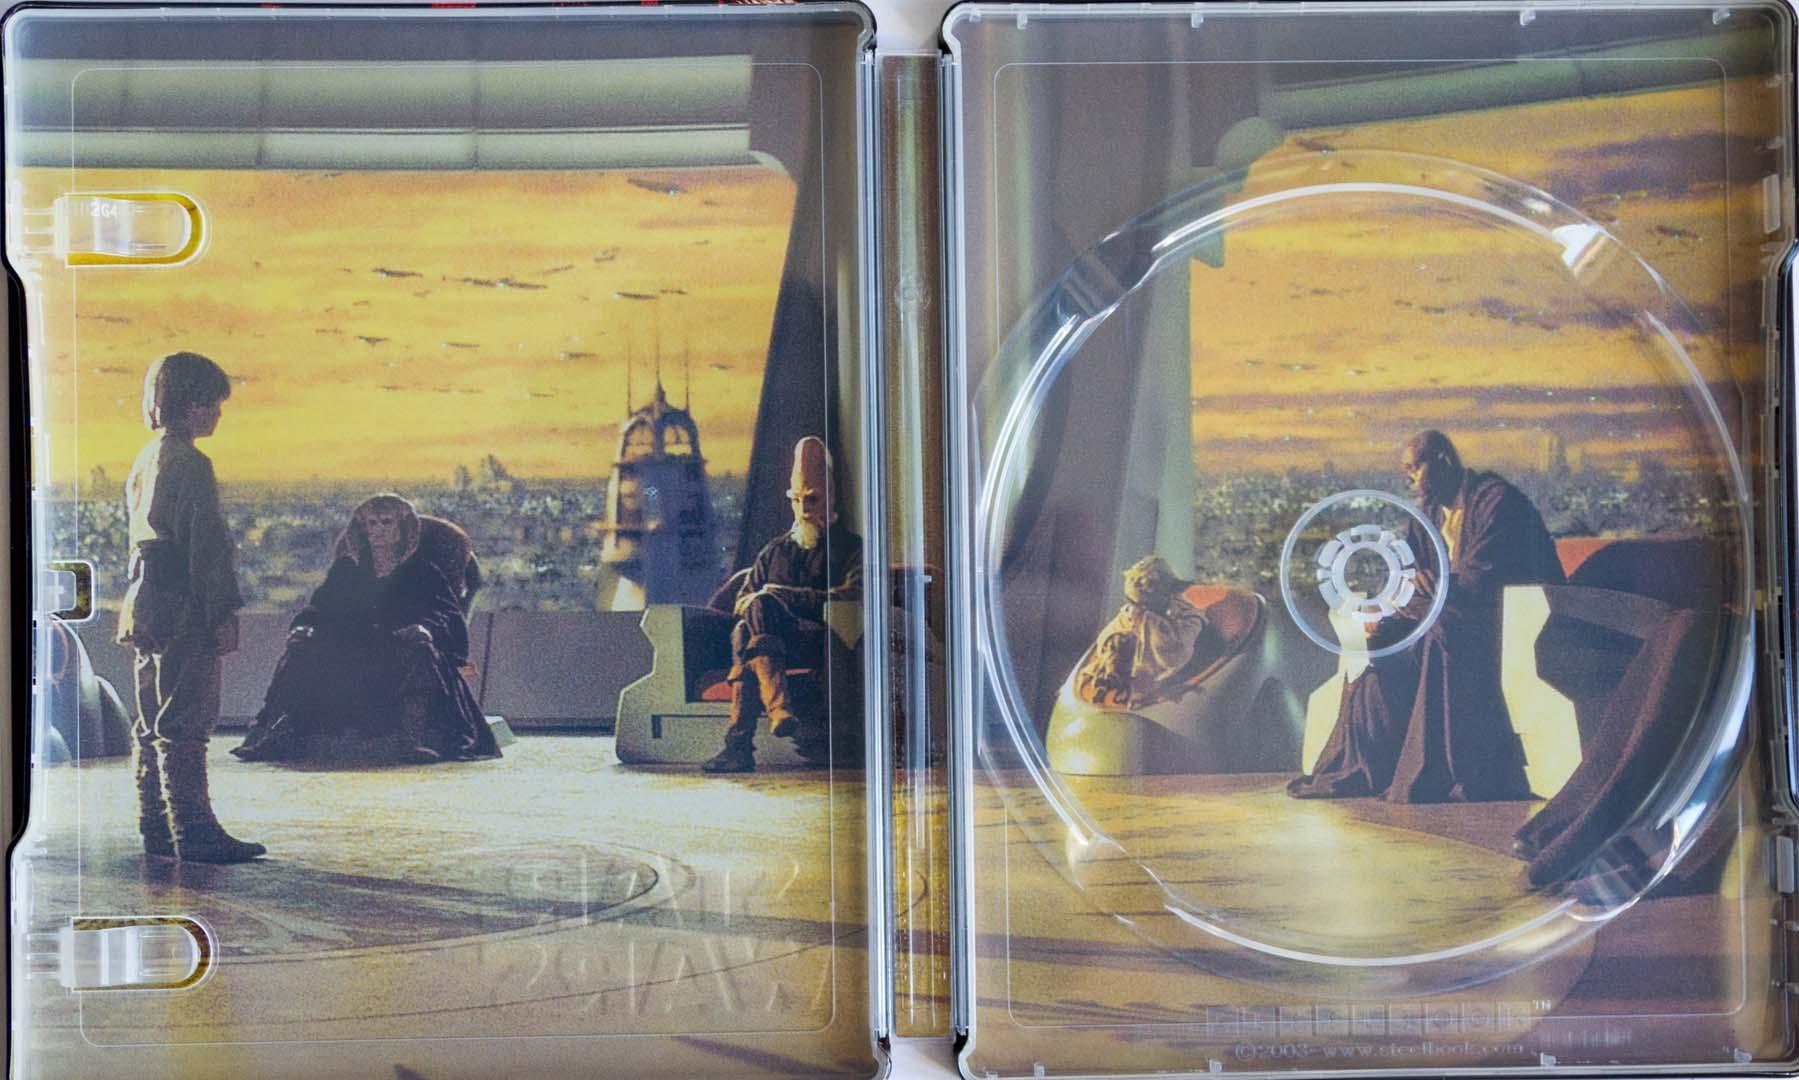 Star Wars Episode I Steelbook06